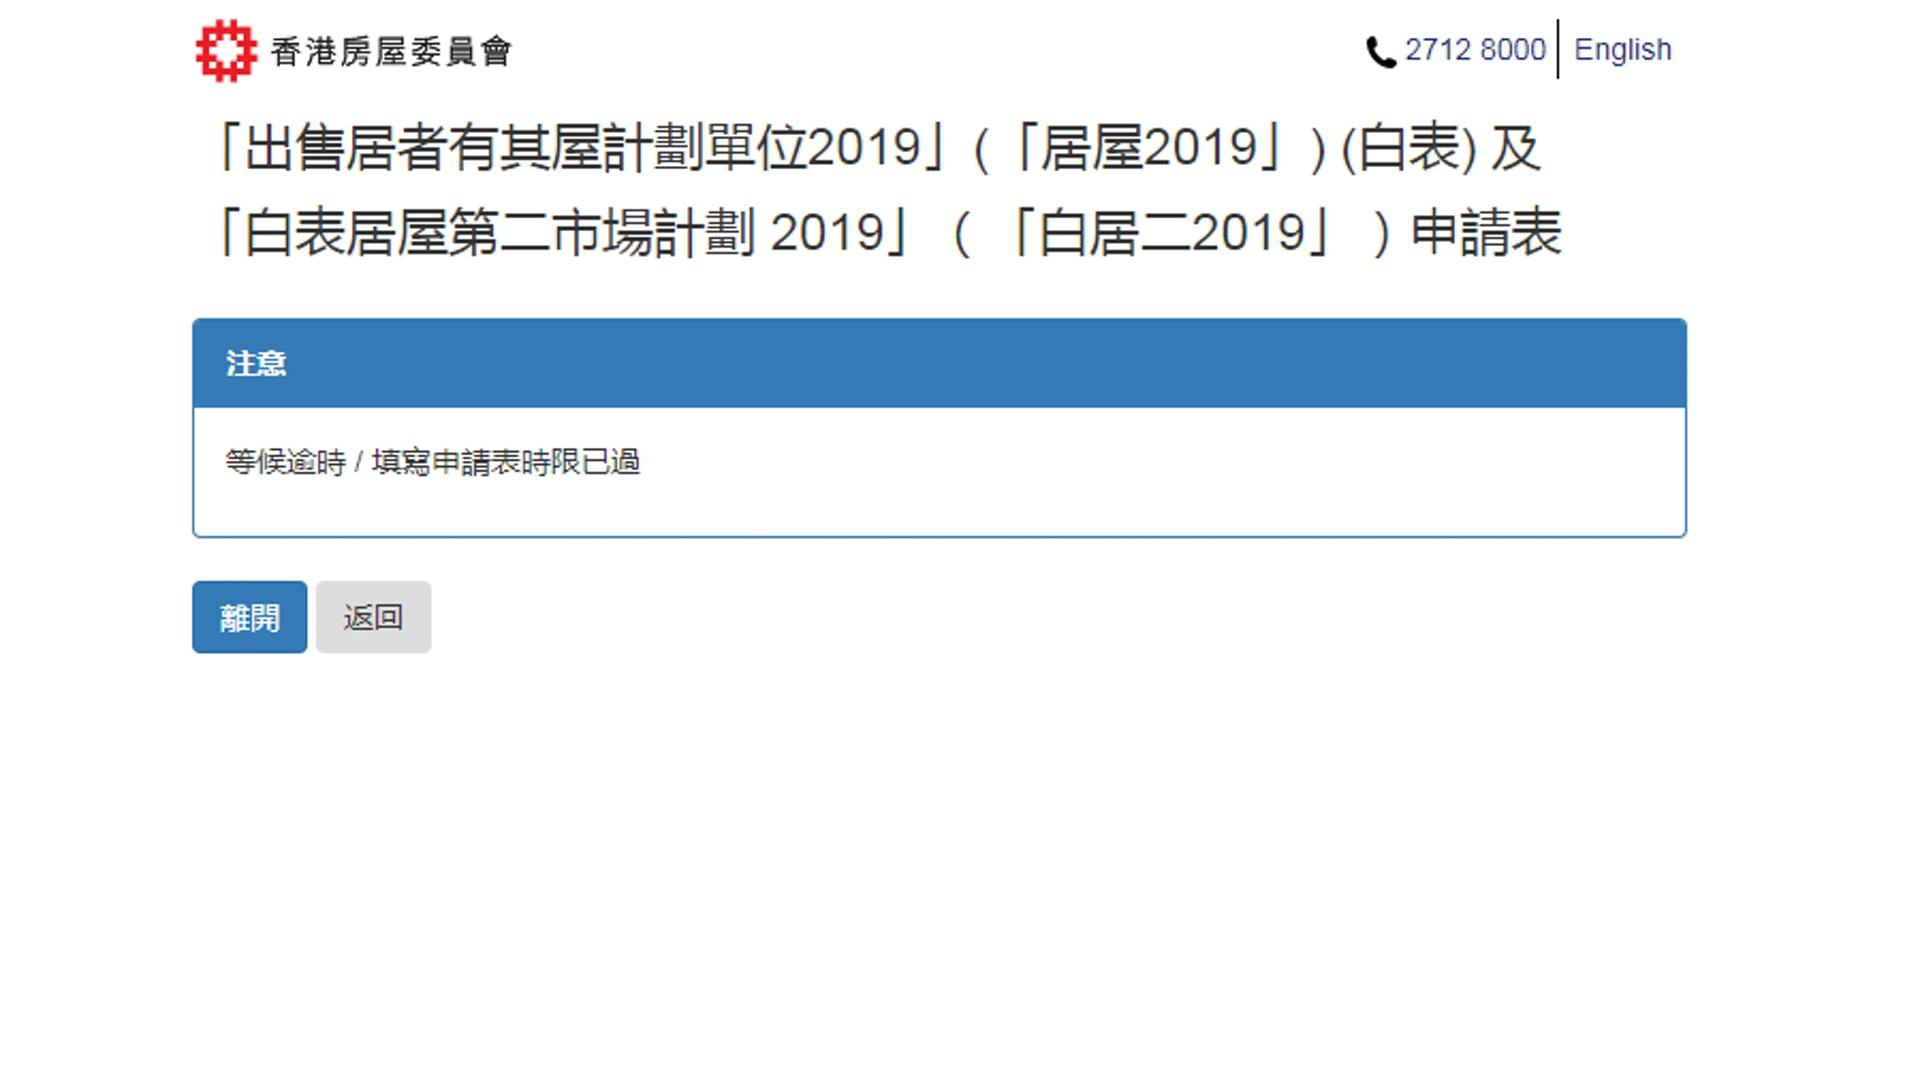 閒置一段時間後,網站會查問是否要繼續填寫申請表,若未有回應,系統暫停該申請。(房委會網站截圖)